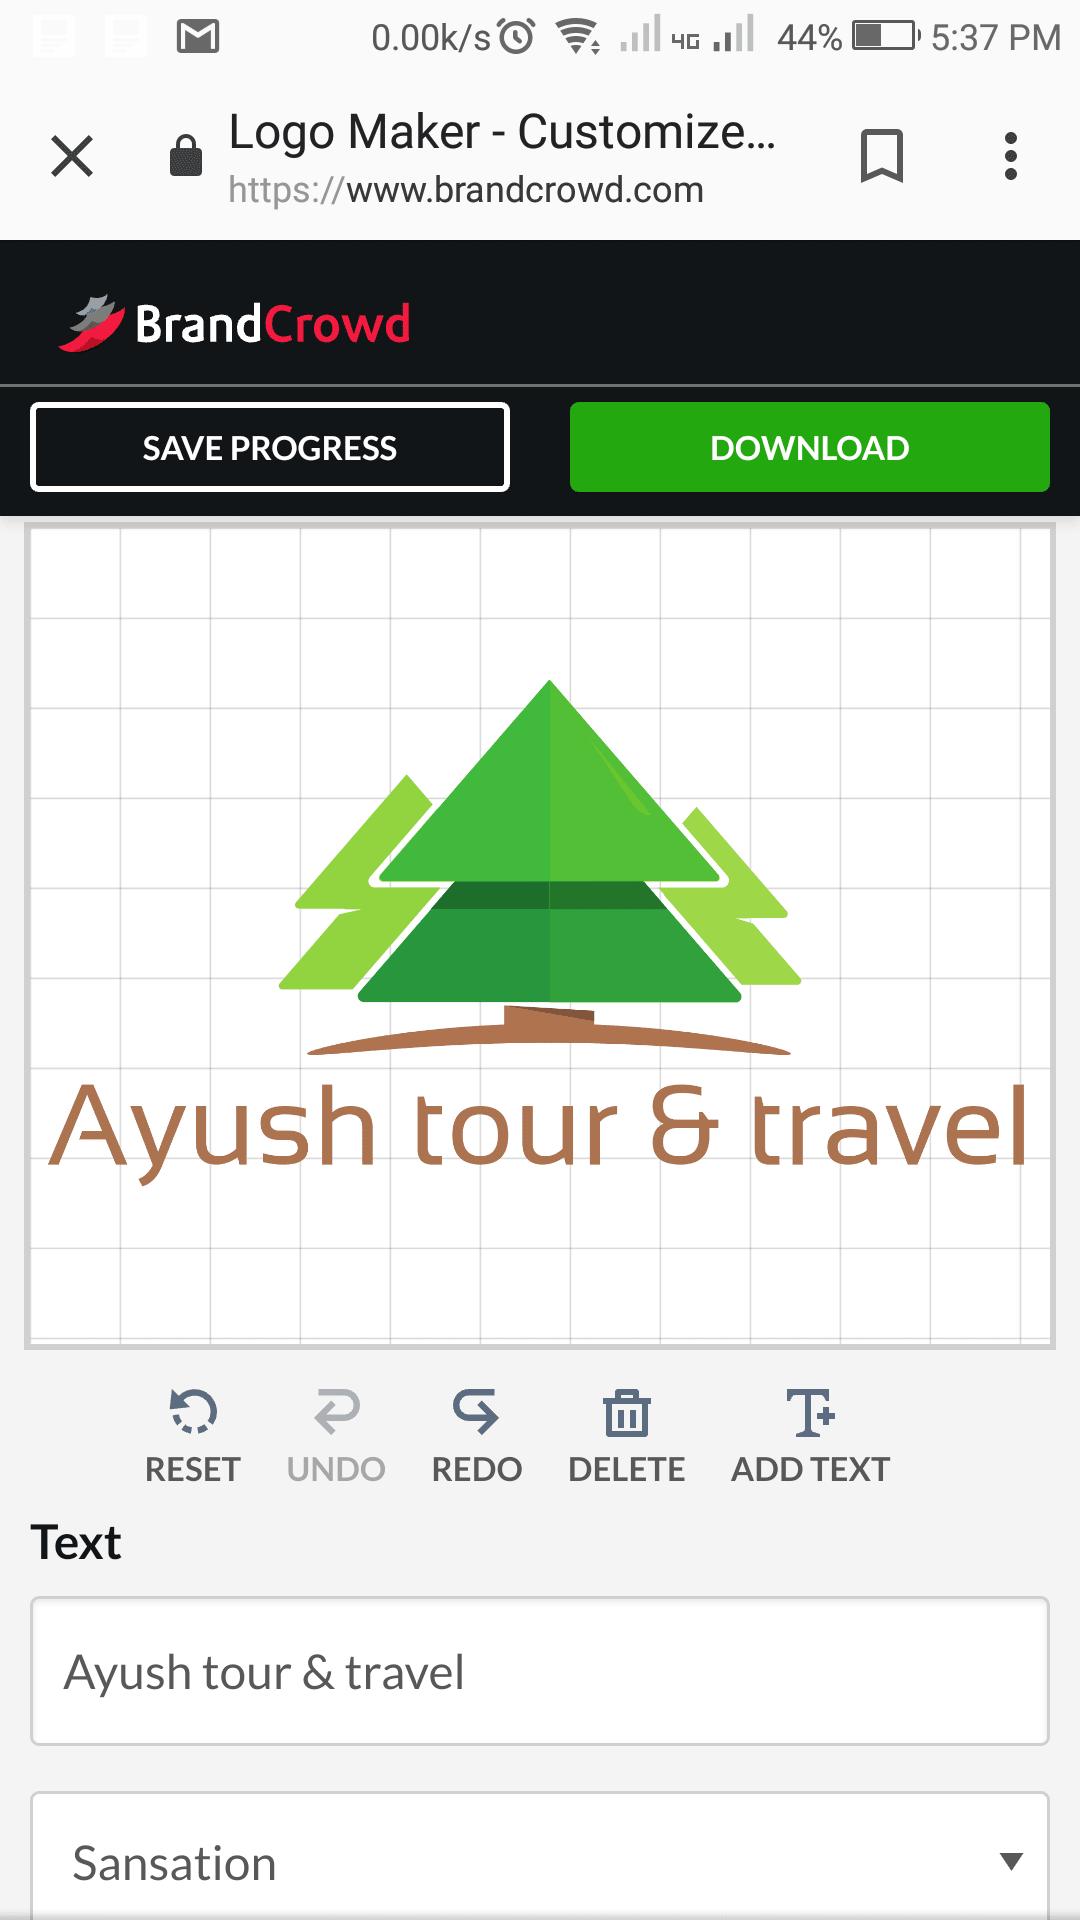 Ayush tour and travel